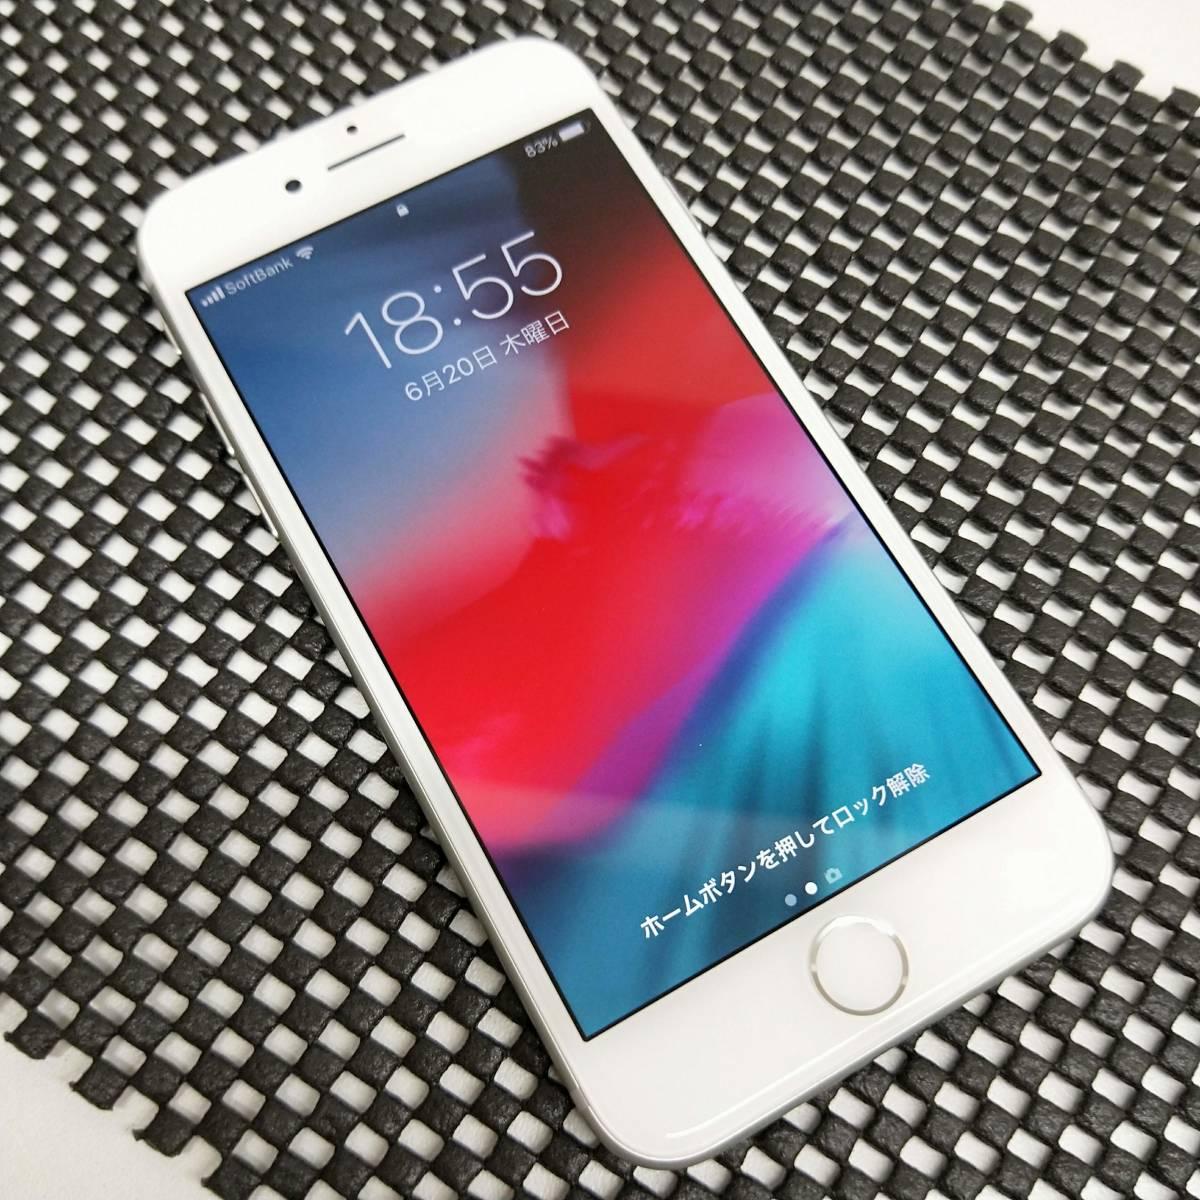 【未使用品】SB版 iPhone 7 32GB Silver <本体のみ> #063